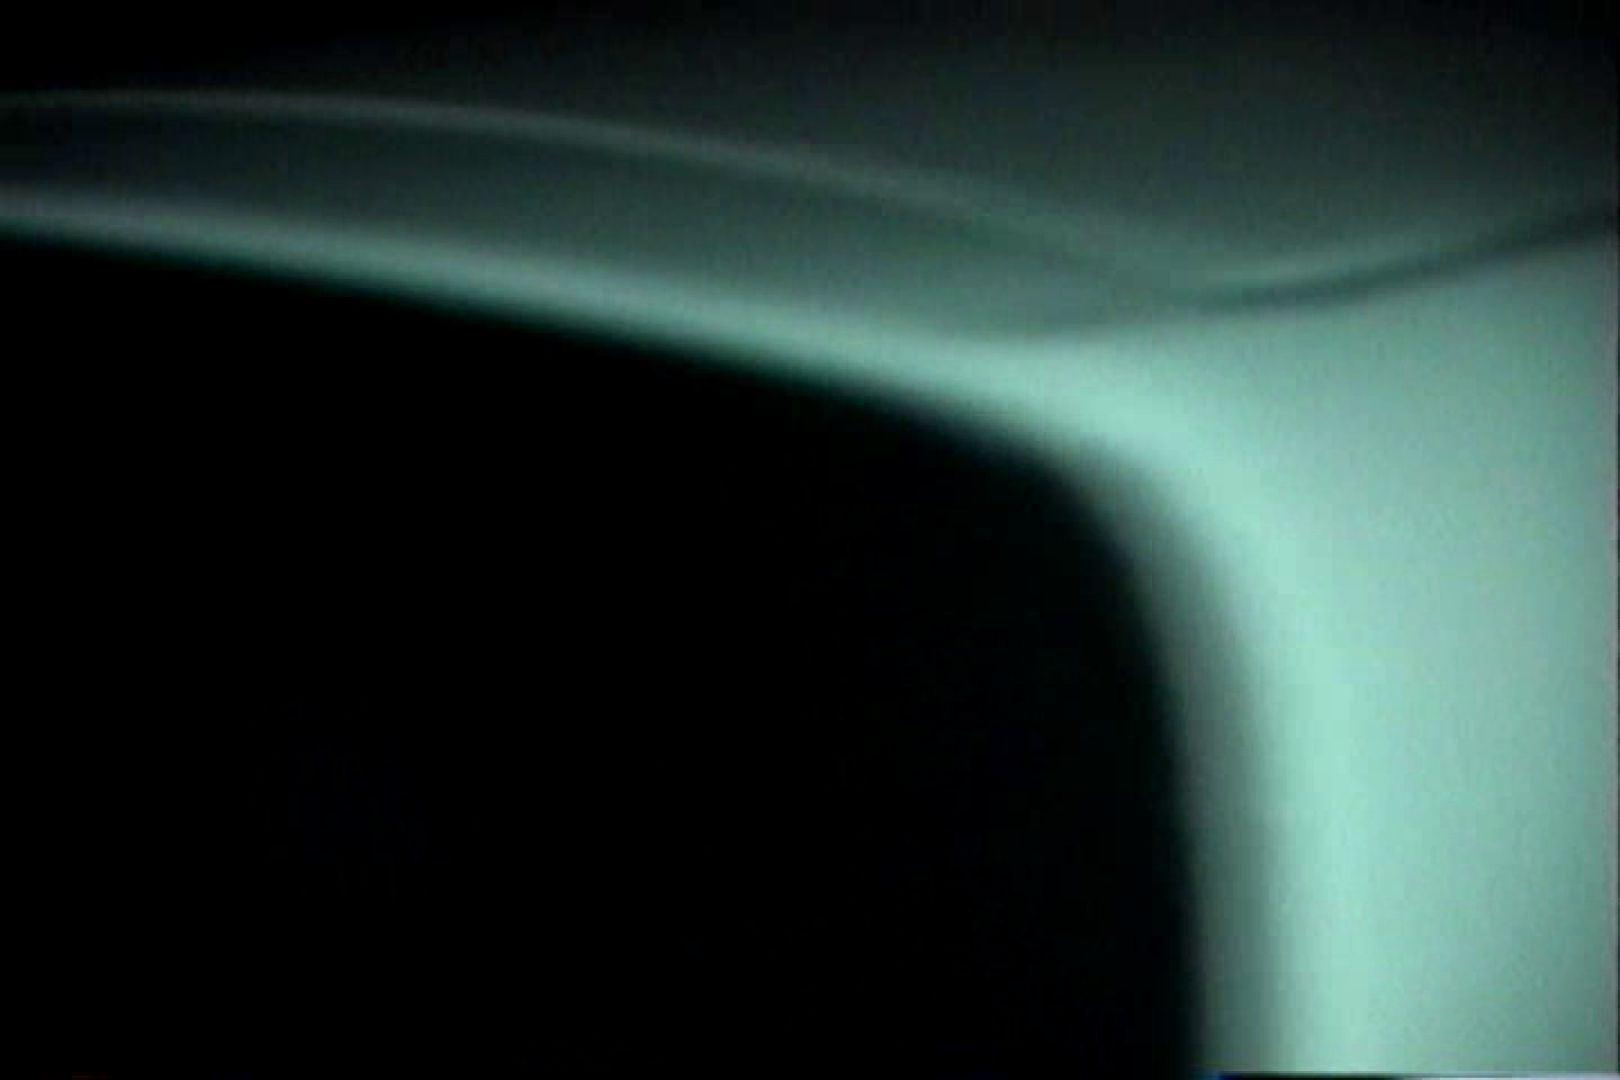 充血監督の深夜の運動会Vol.143 美しいOLの裸体 のぞき動画画像 76pic 52